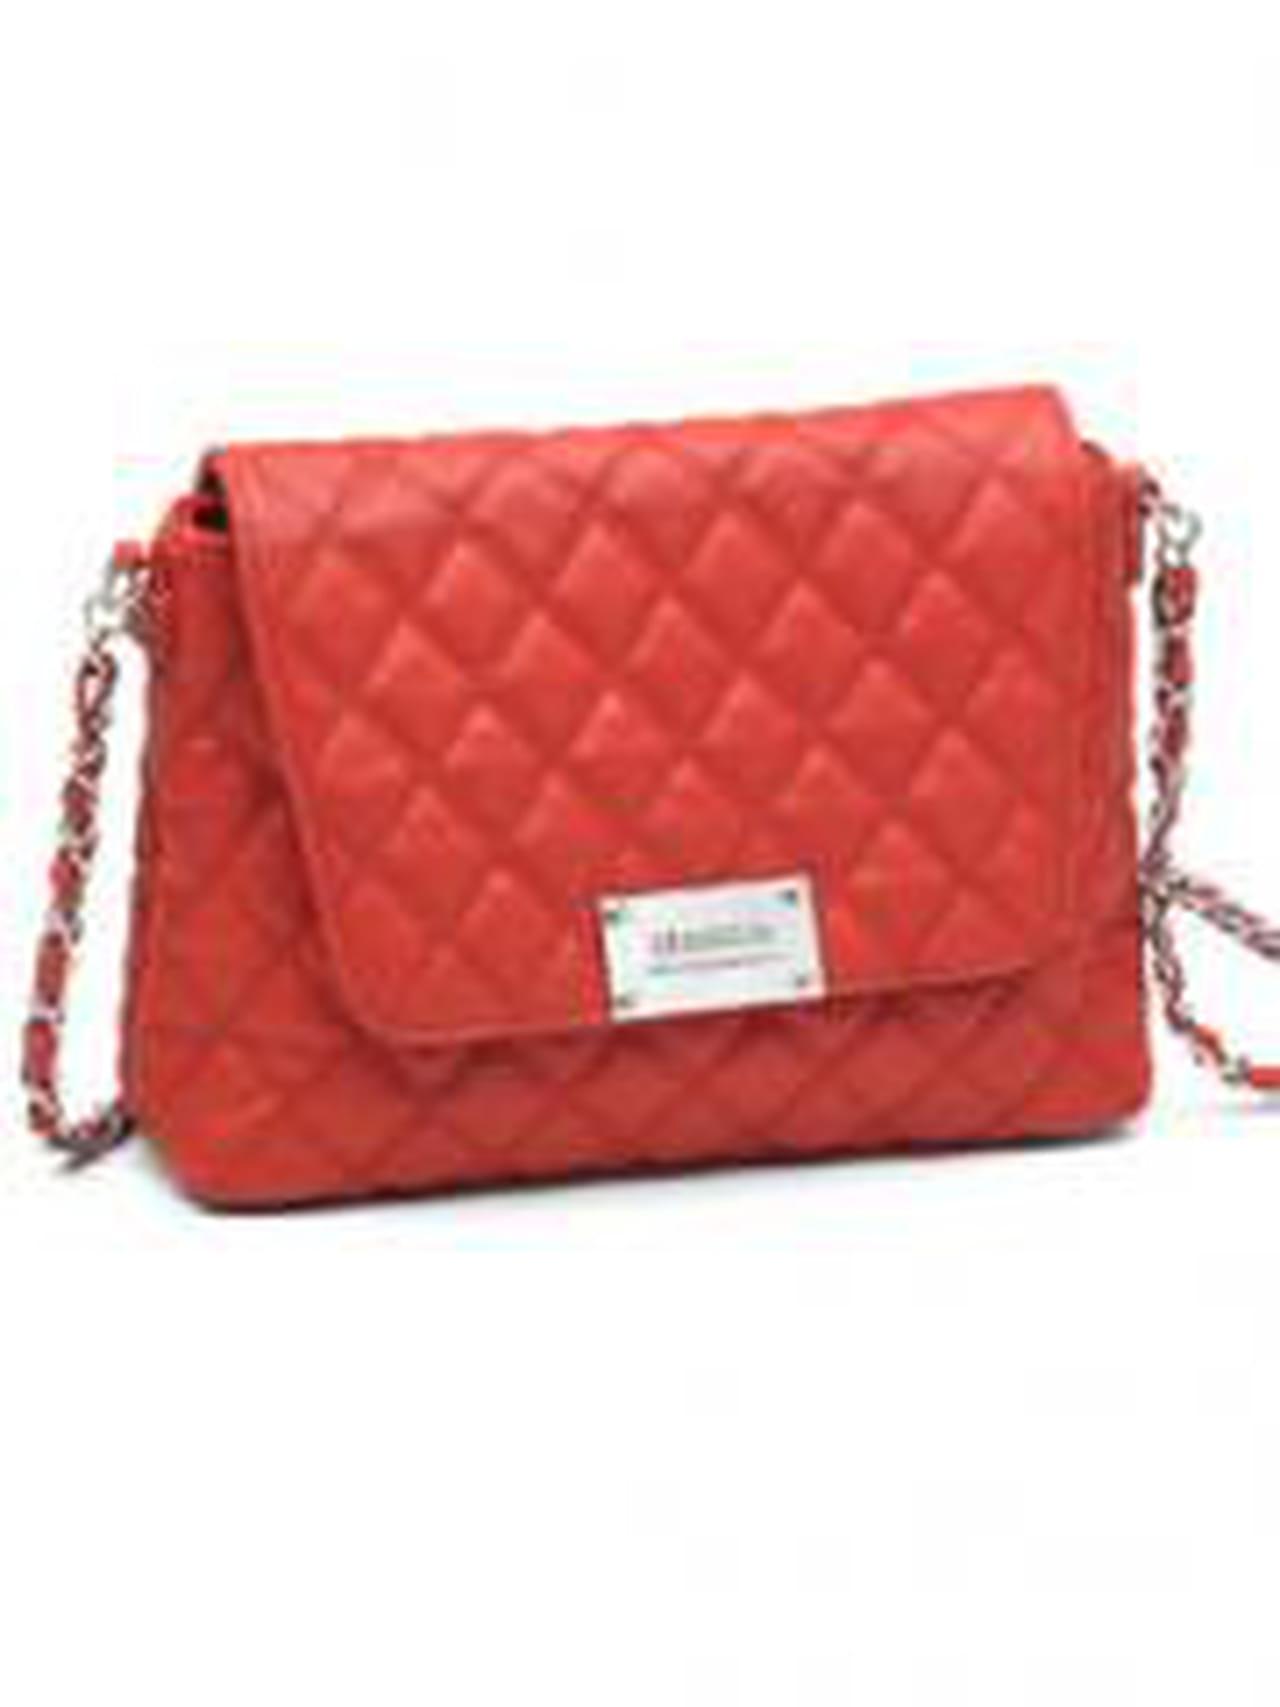 On achète le sac rouge de Mango 4b276ec3c4ef